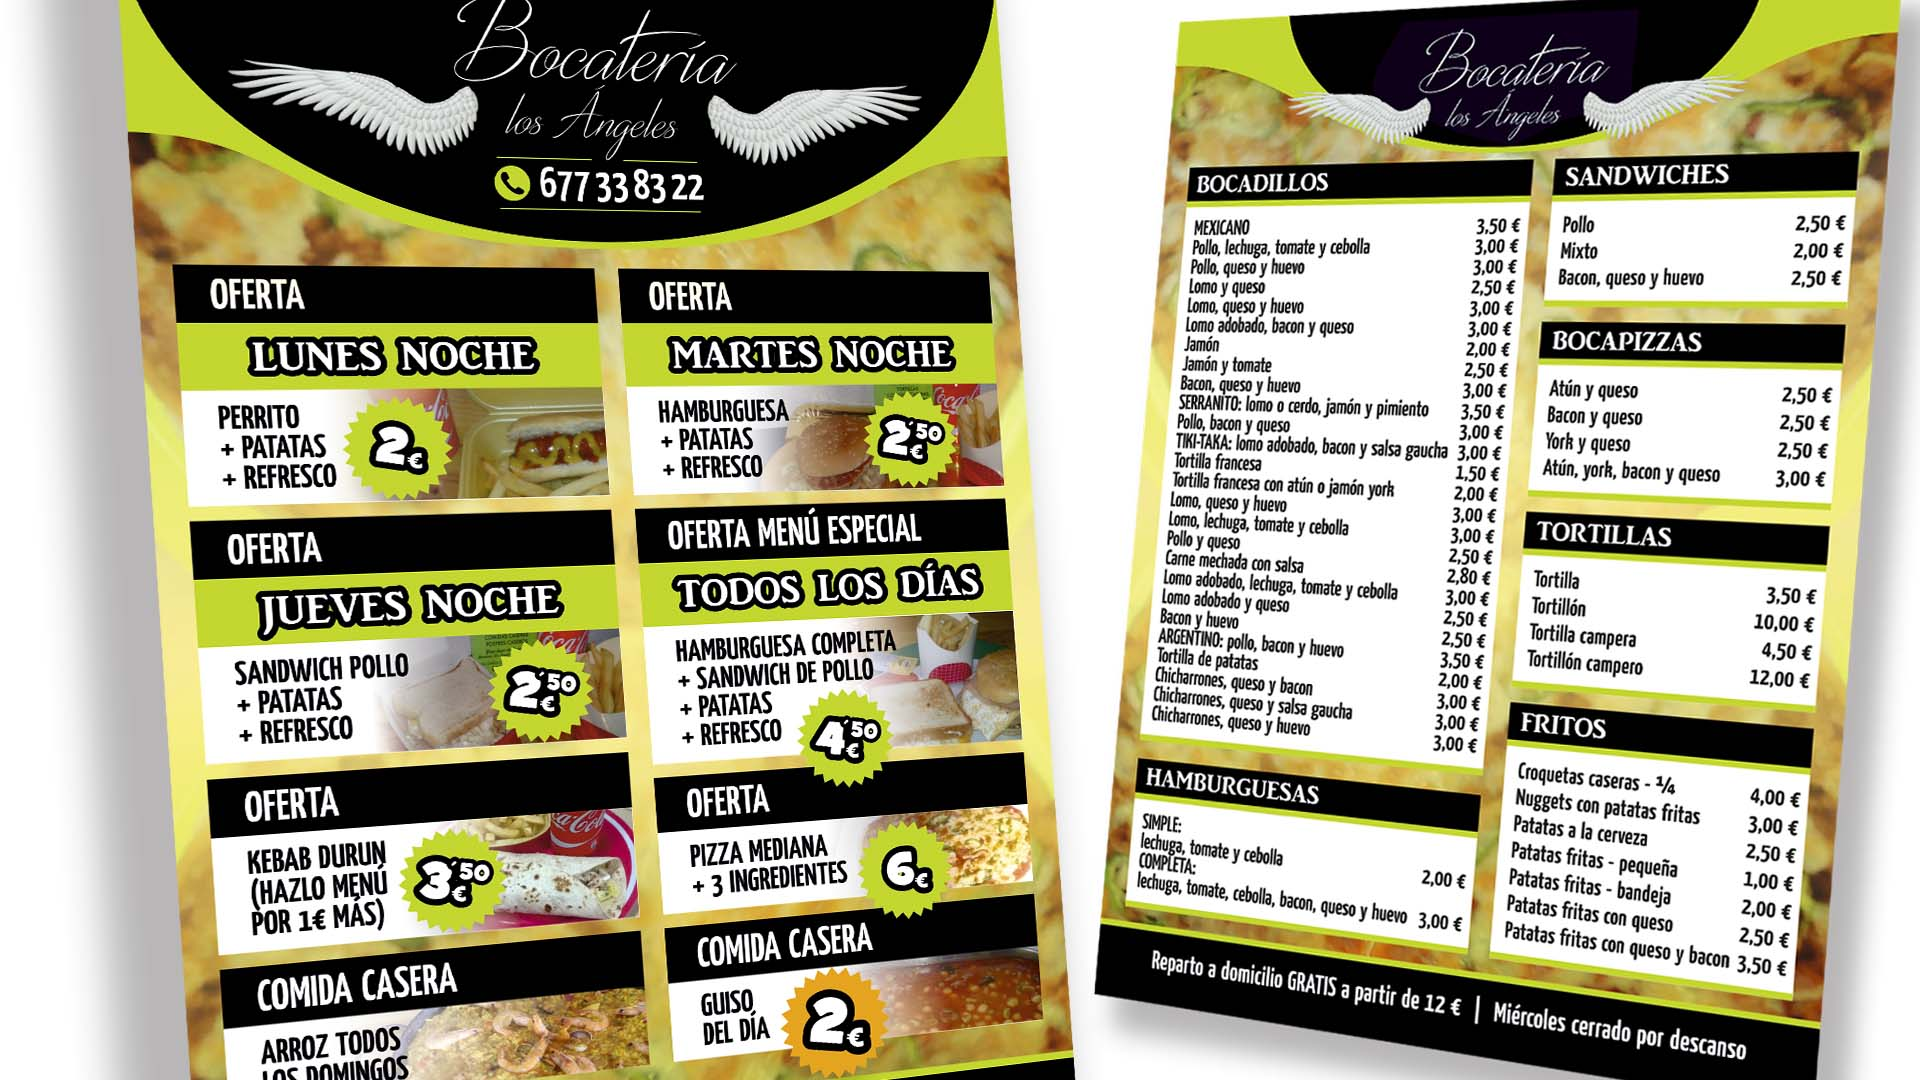 BOCATERÍA LOS ÁNGELES - Flyer A5